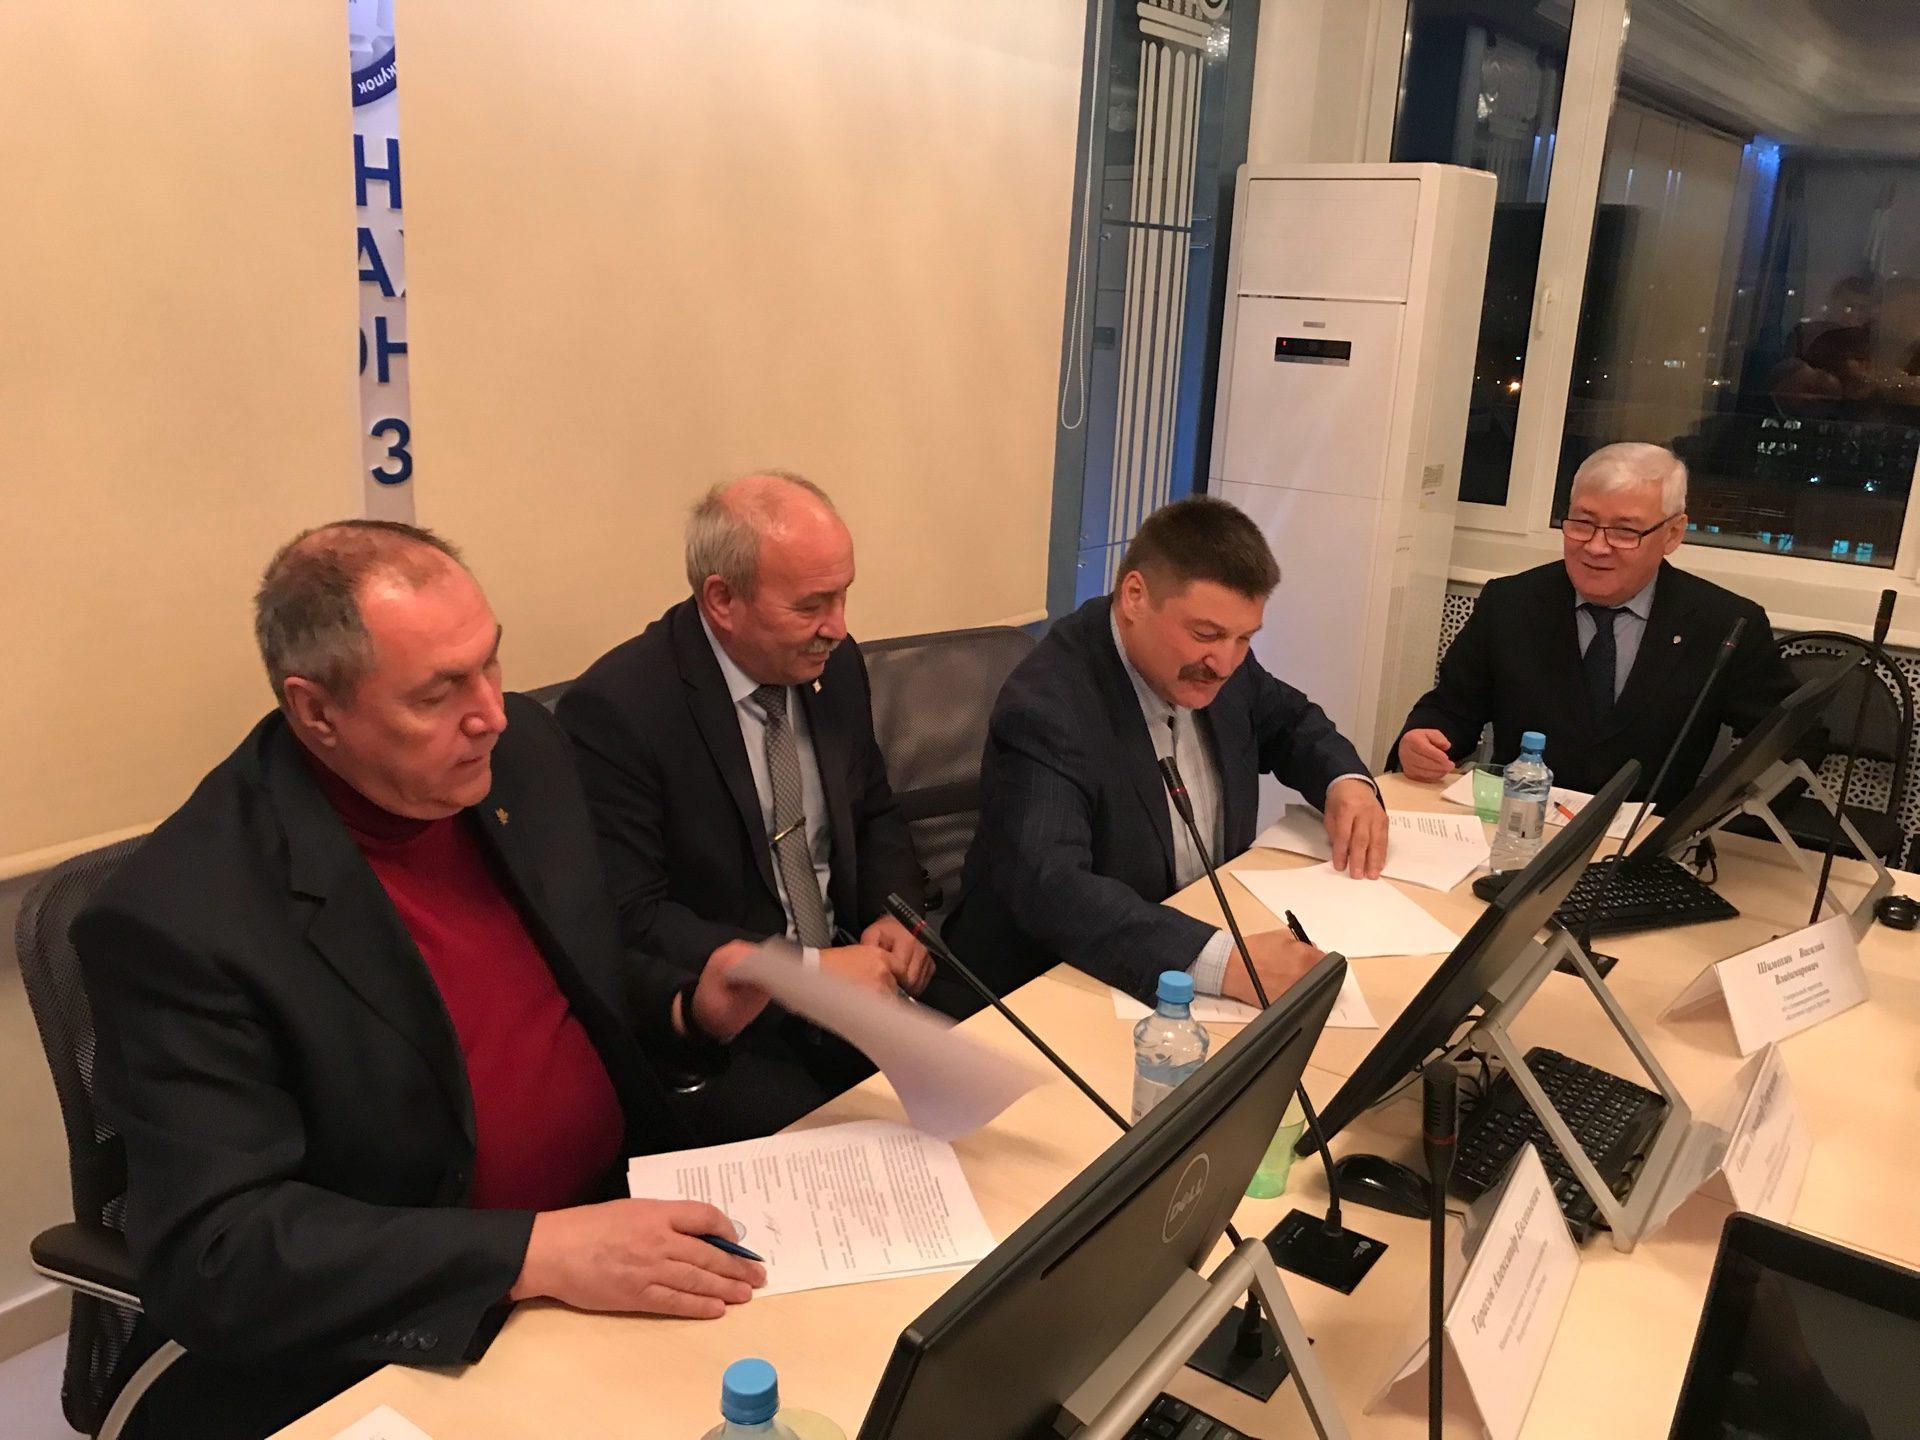 Подписан акт определения технической готовности к эксплуатации железнодорожного участка Томмот – Нижний Бестях